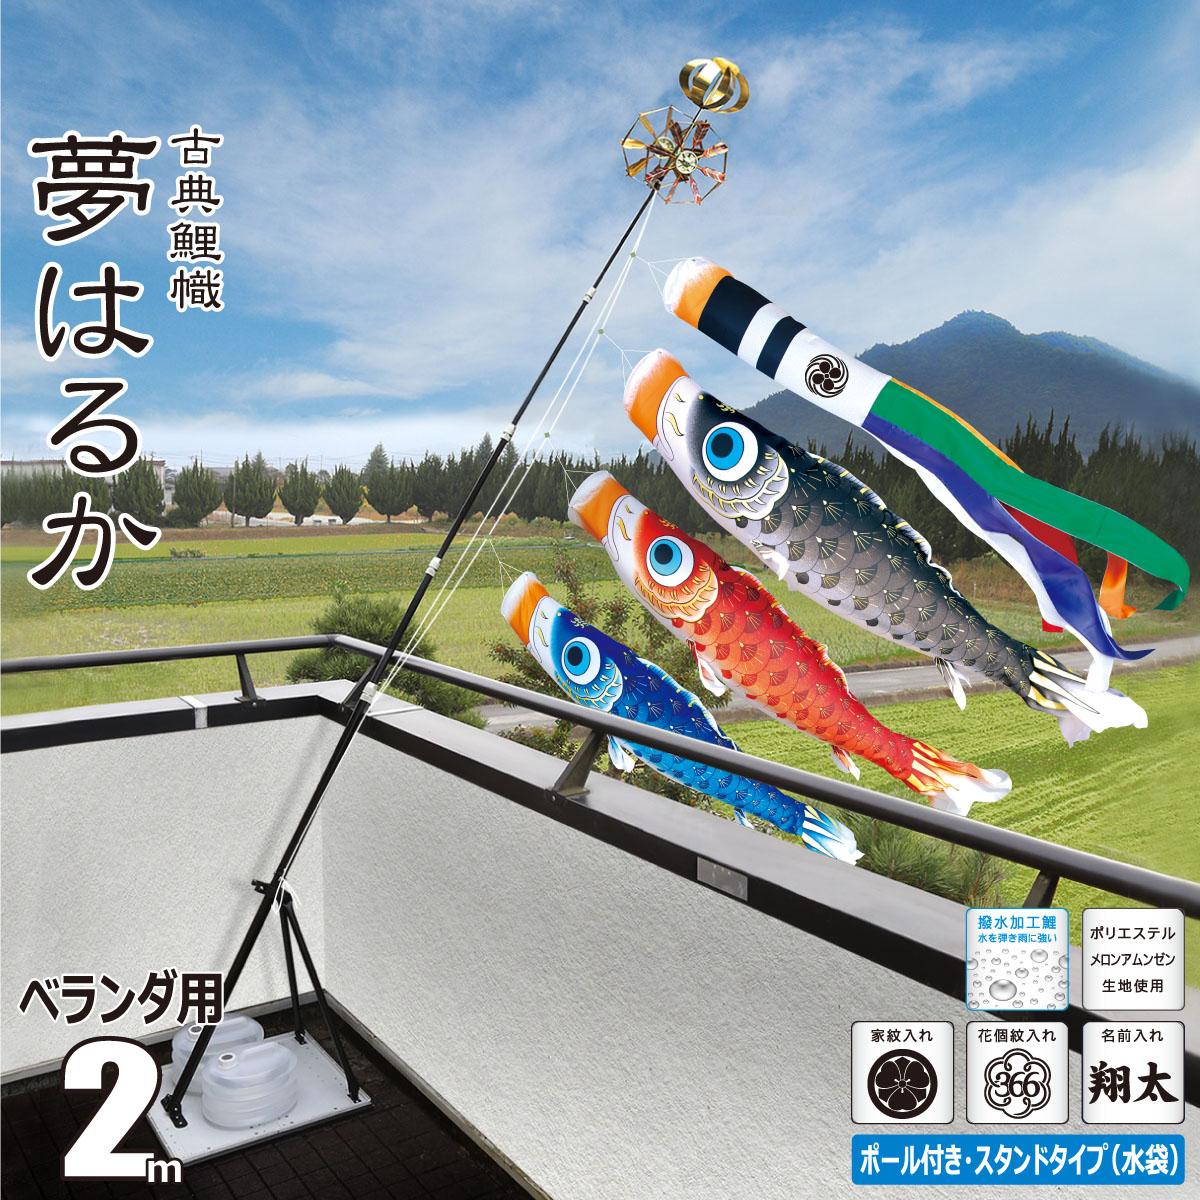 こいのぼり 2m 夢はるか (矢車、ロープ、吹流し、鯉3匹) プレミアムベランダスタンドセット (ベランダ用 スタンド付き) 徳永鯉のぼり KIT-116-890